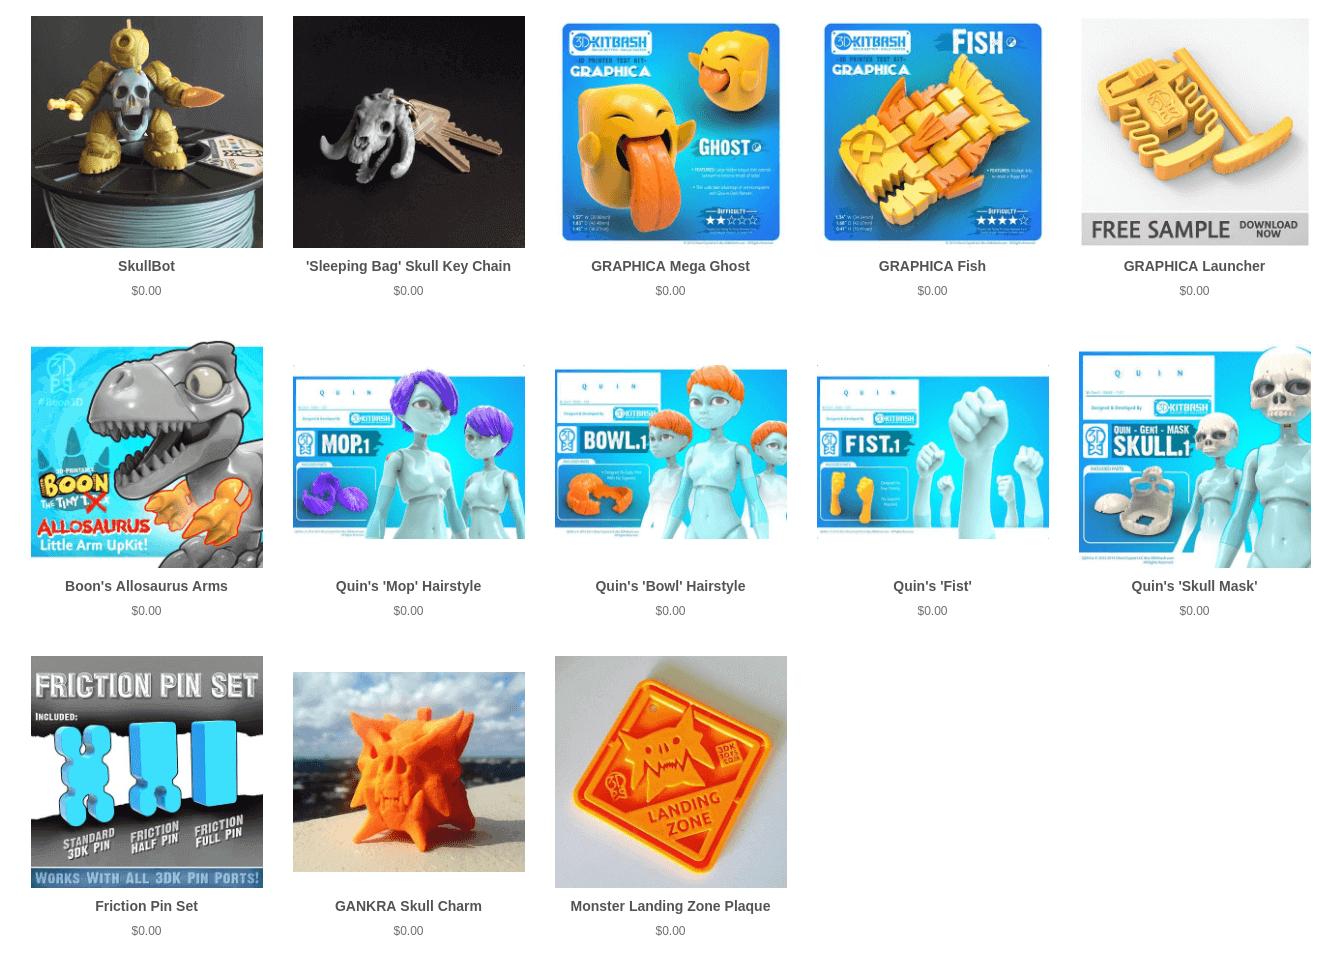 Бесплатные файлы STL, 3D-модели, файлы для 3D-принтера, 3D-модели для 3D-печати: 3DKitbash